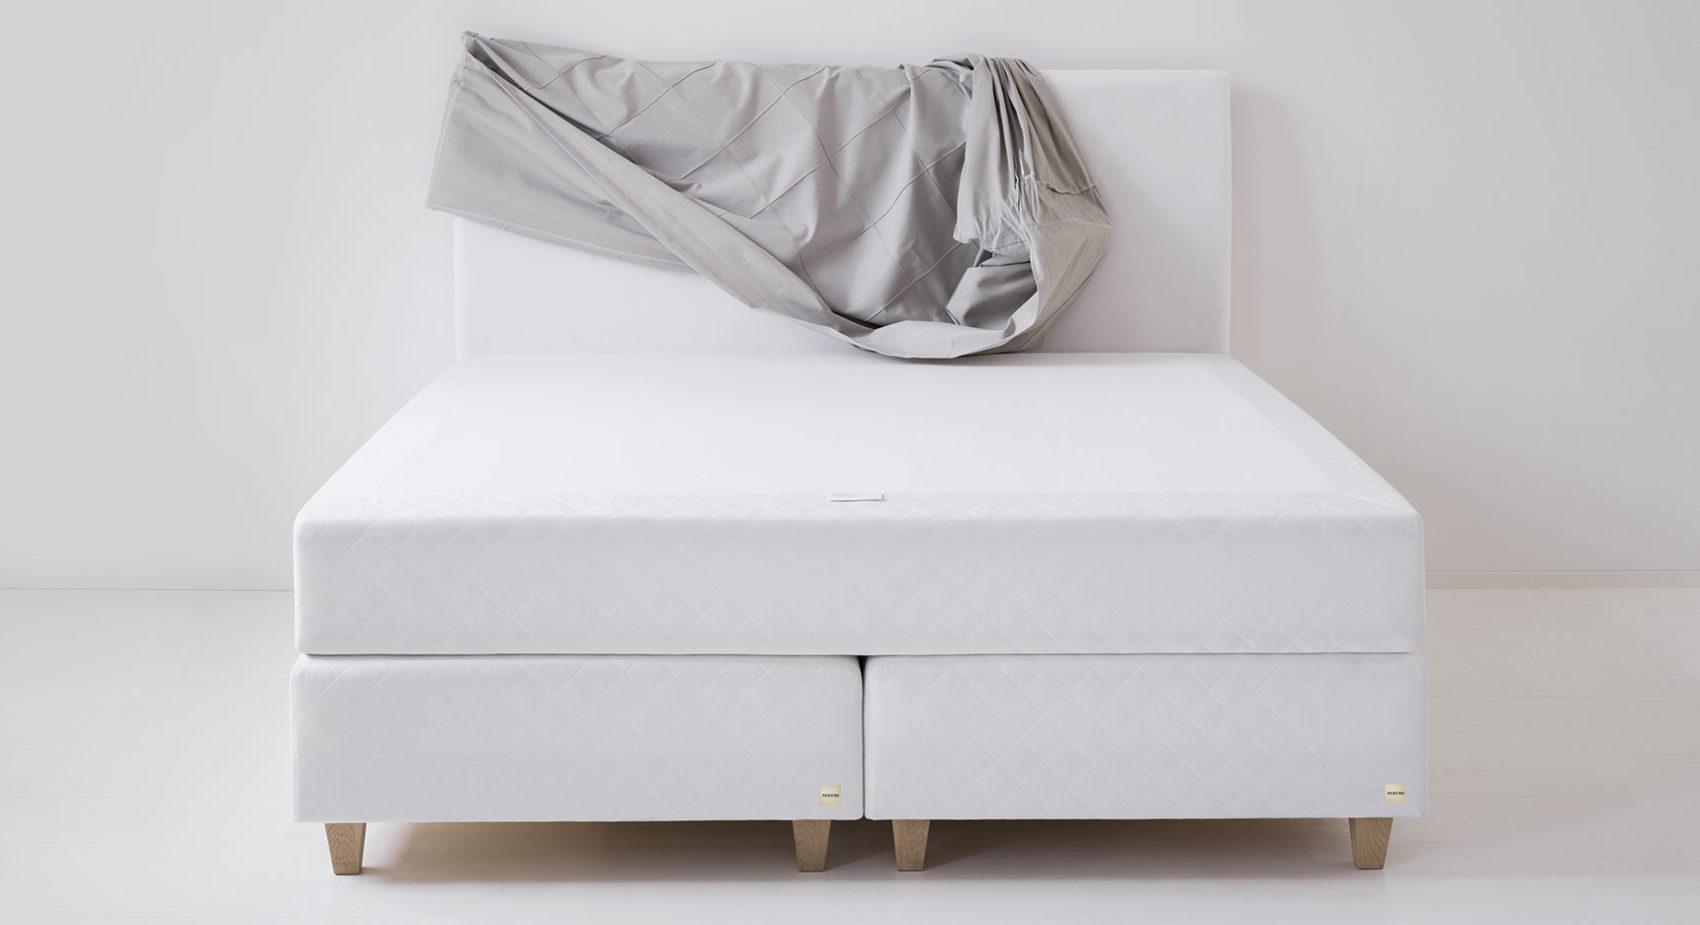 Fennobed Boxsprimgbetten in weiß